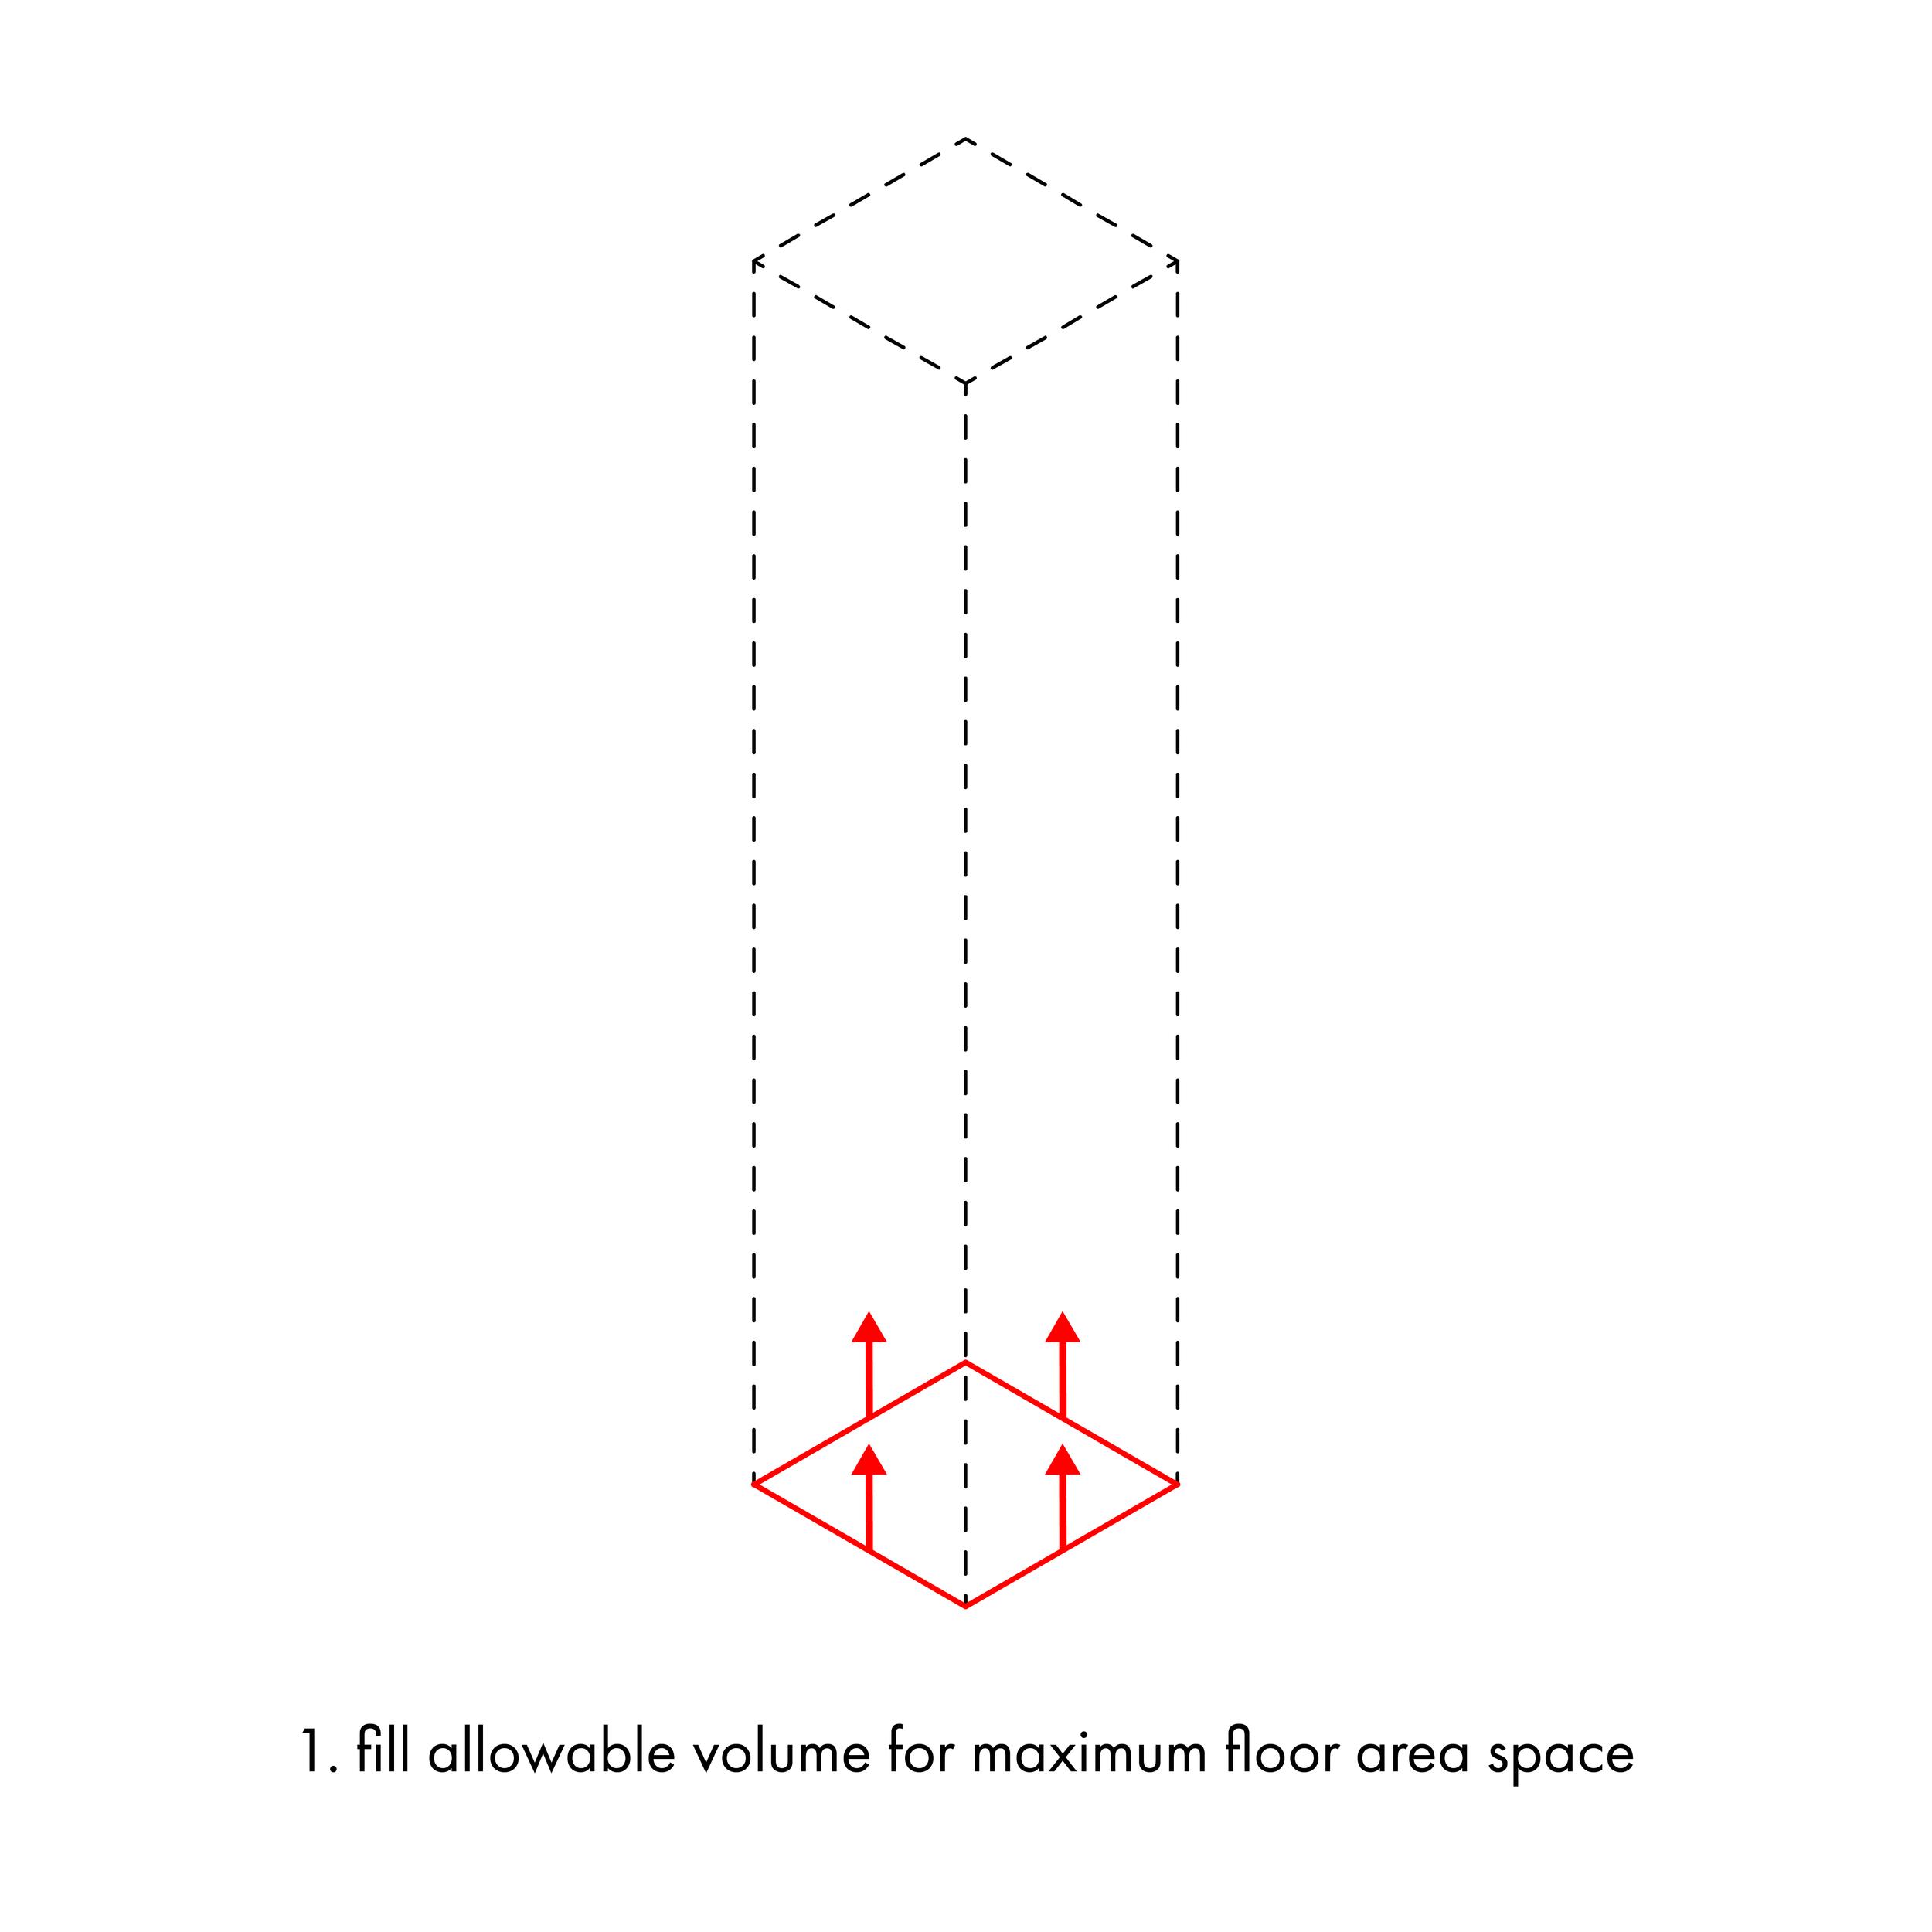 diagram_1_text-01.png